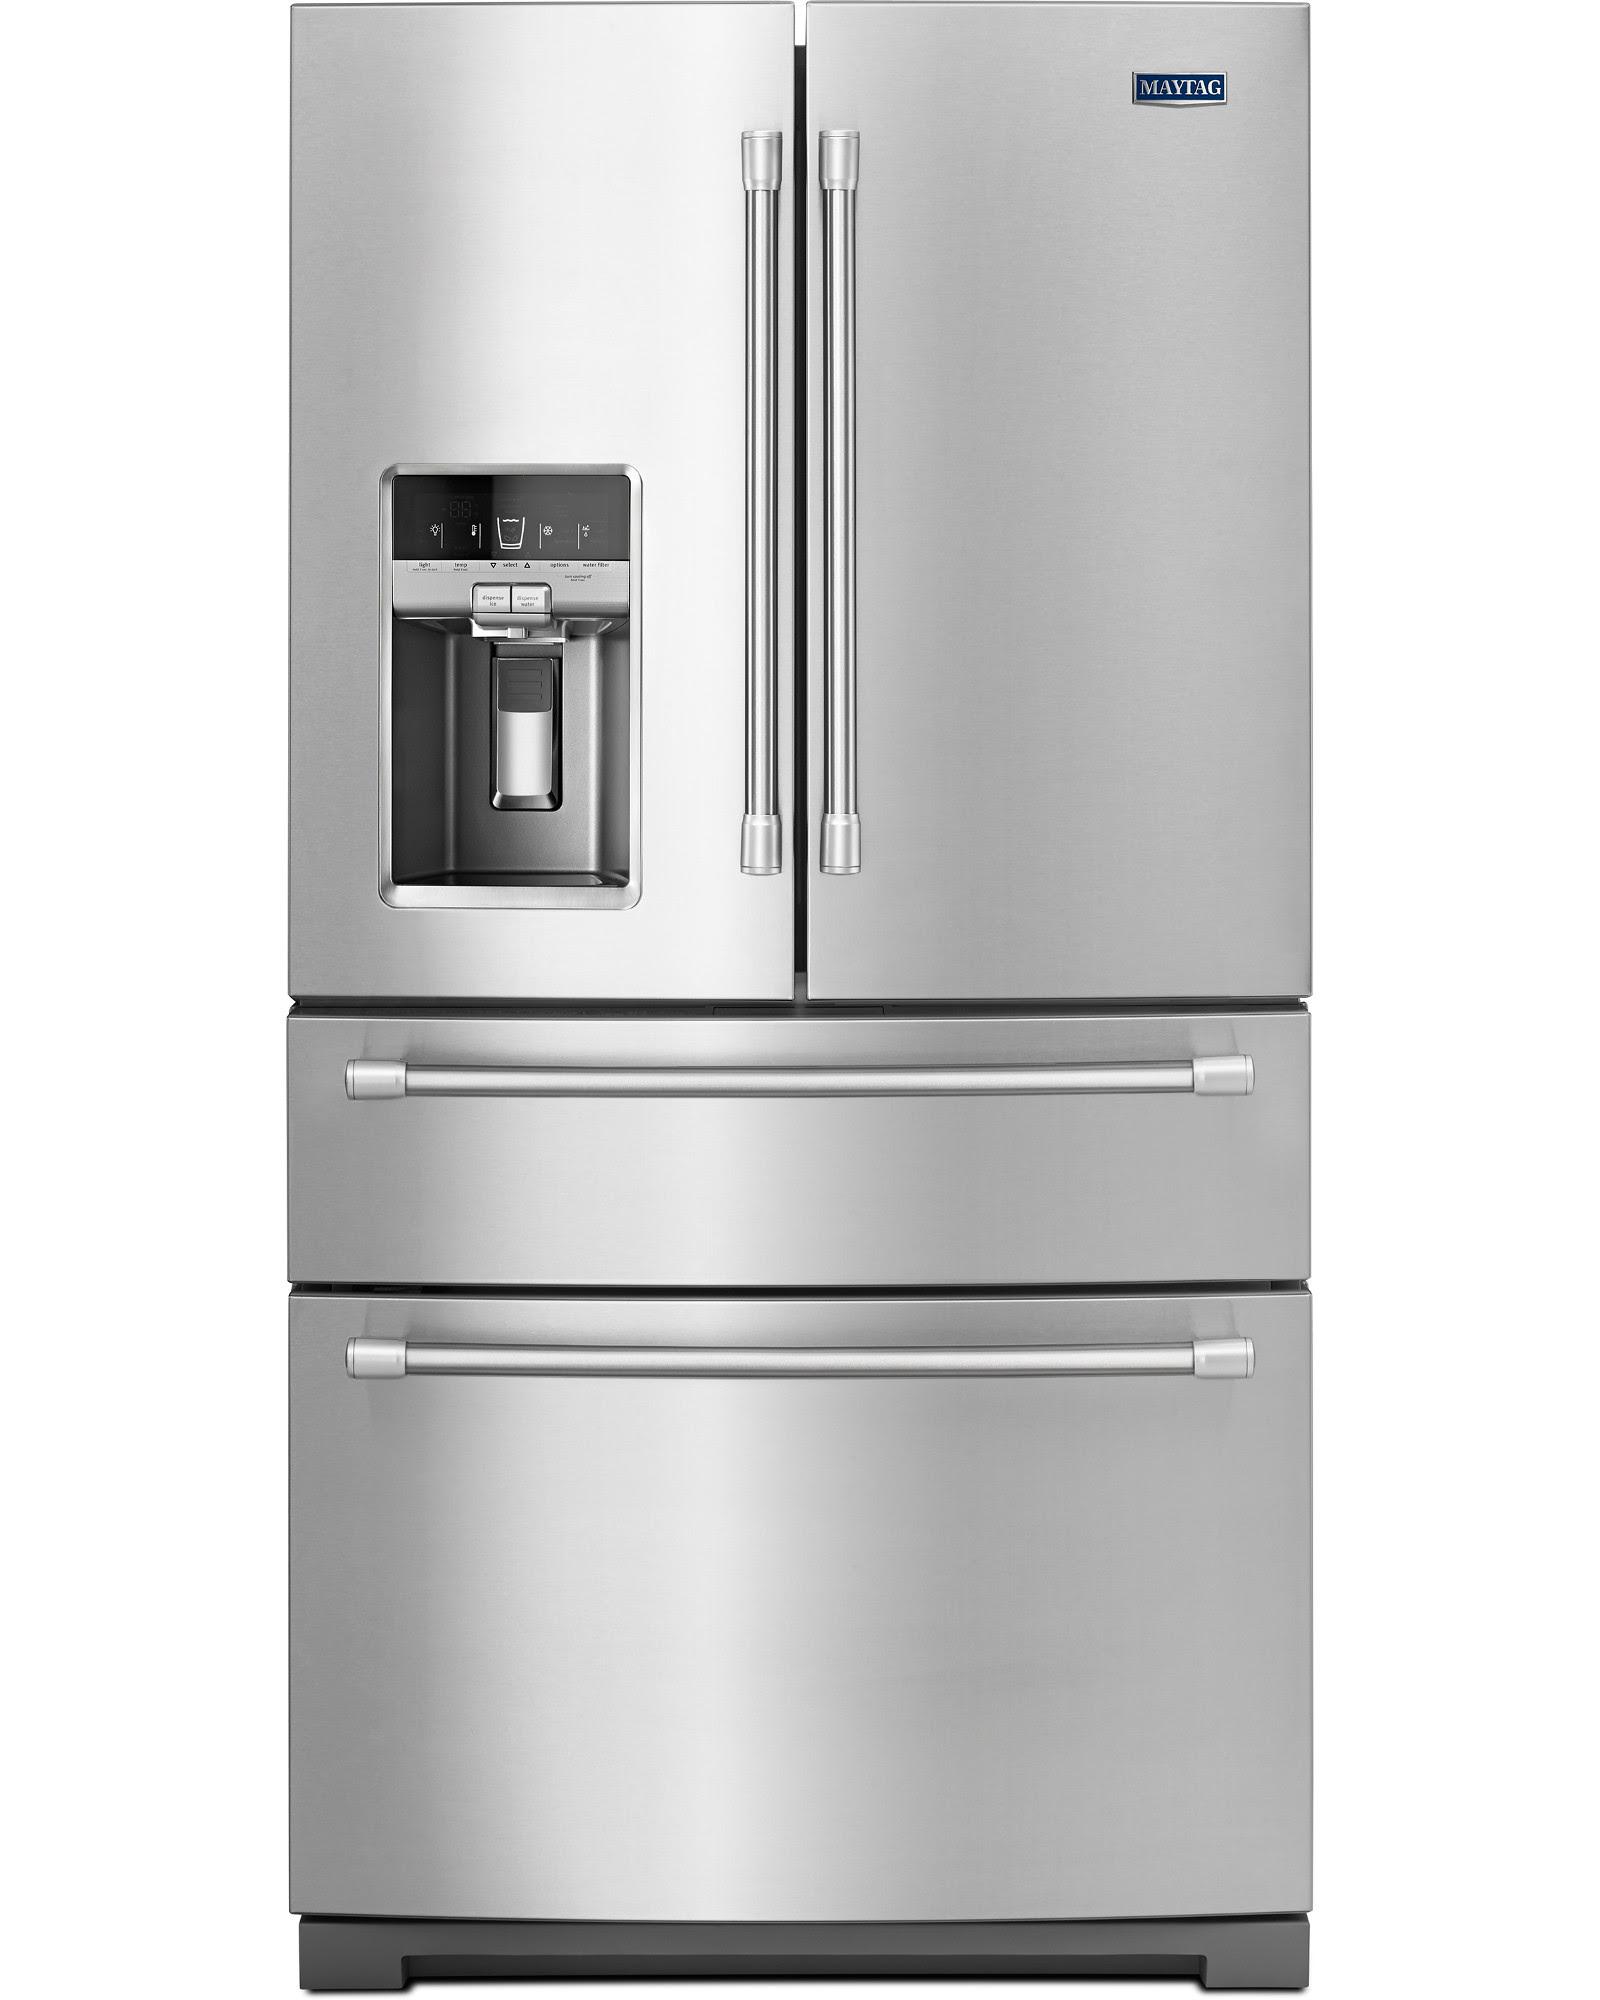 UPC Maytag MFX2876DRM 26 2 cu ft Bottom Freezer